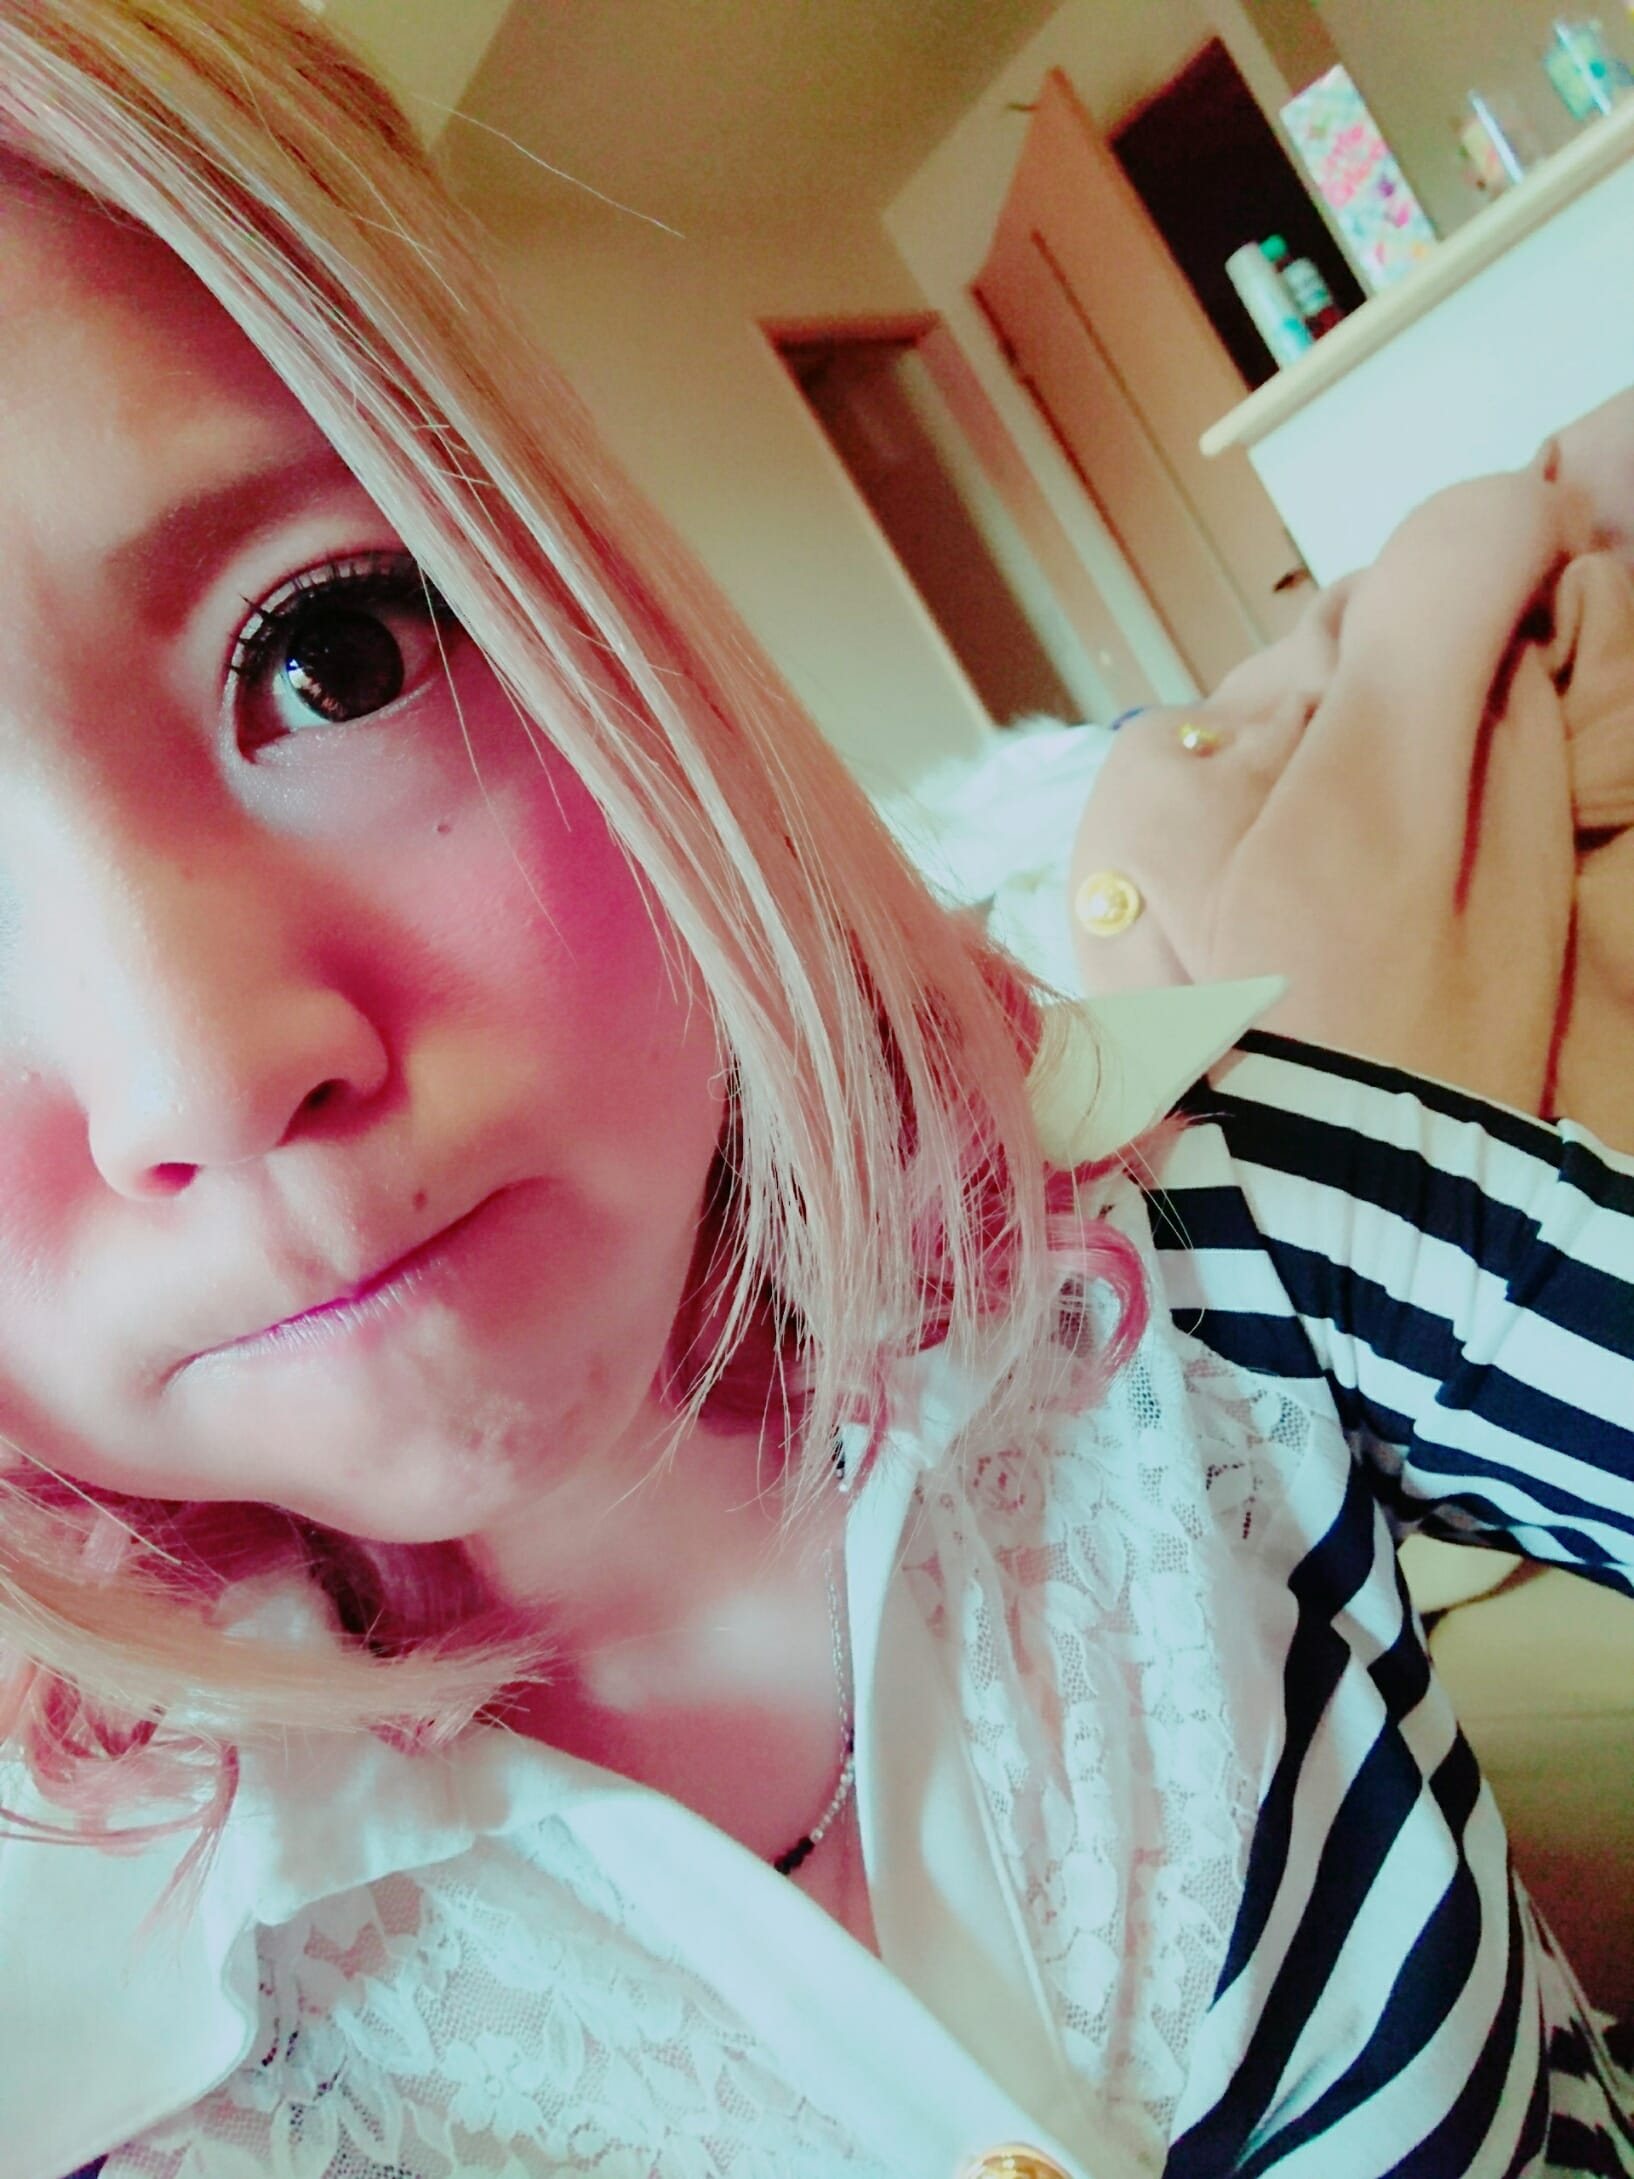 さき「(^ω^)」09/23(土) 06:02 | さきの写メ・風俗動画